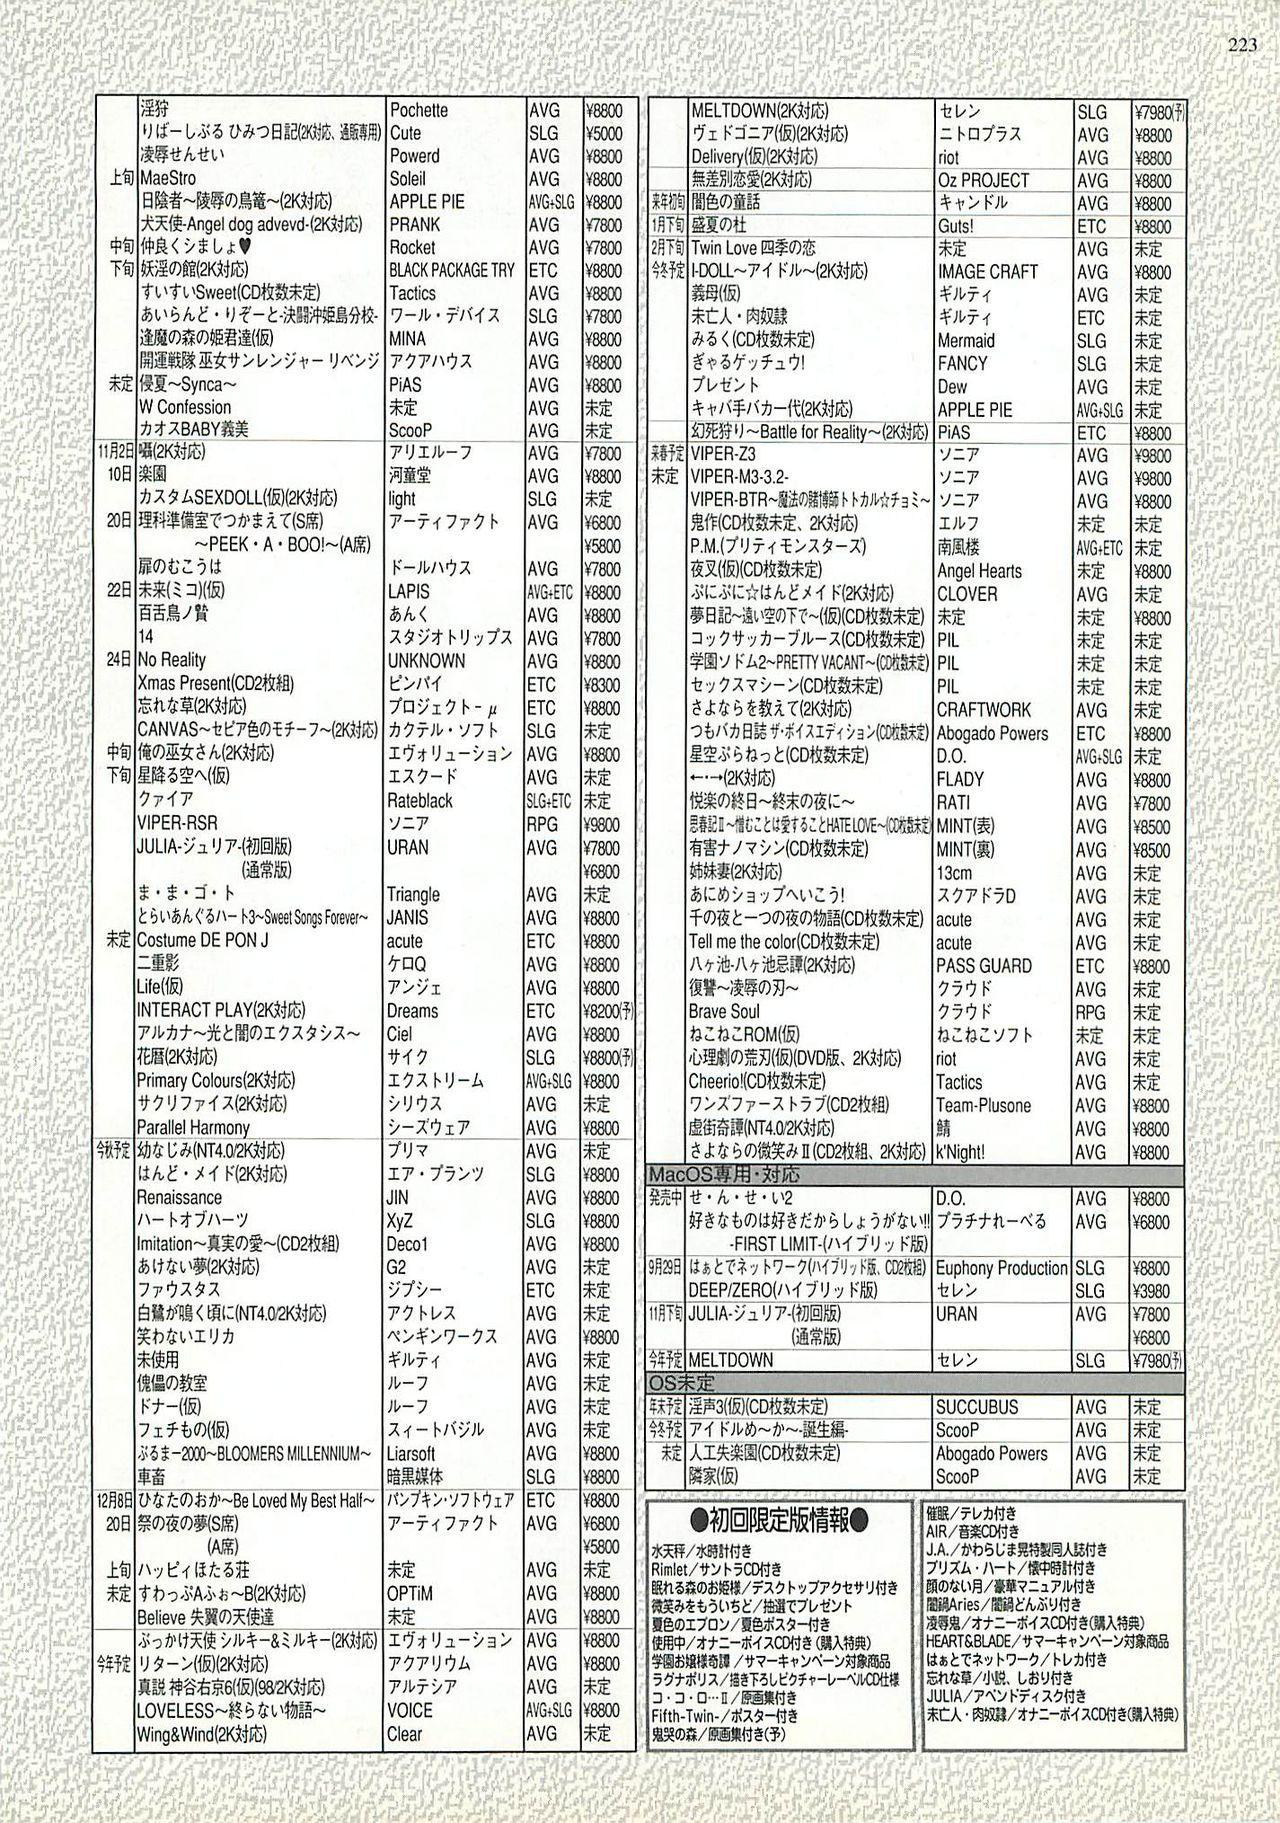 BugBug 2000-10 177